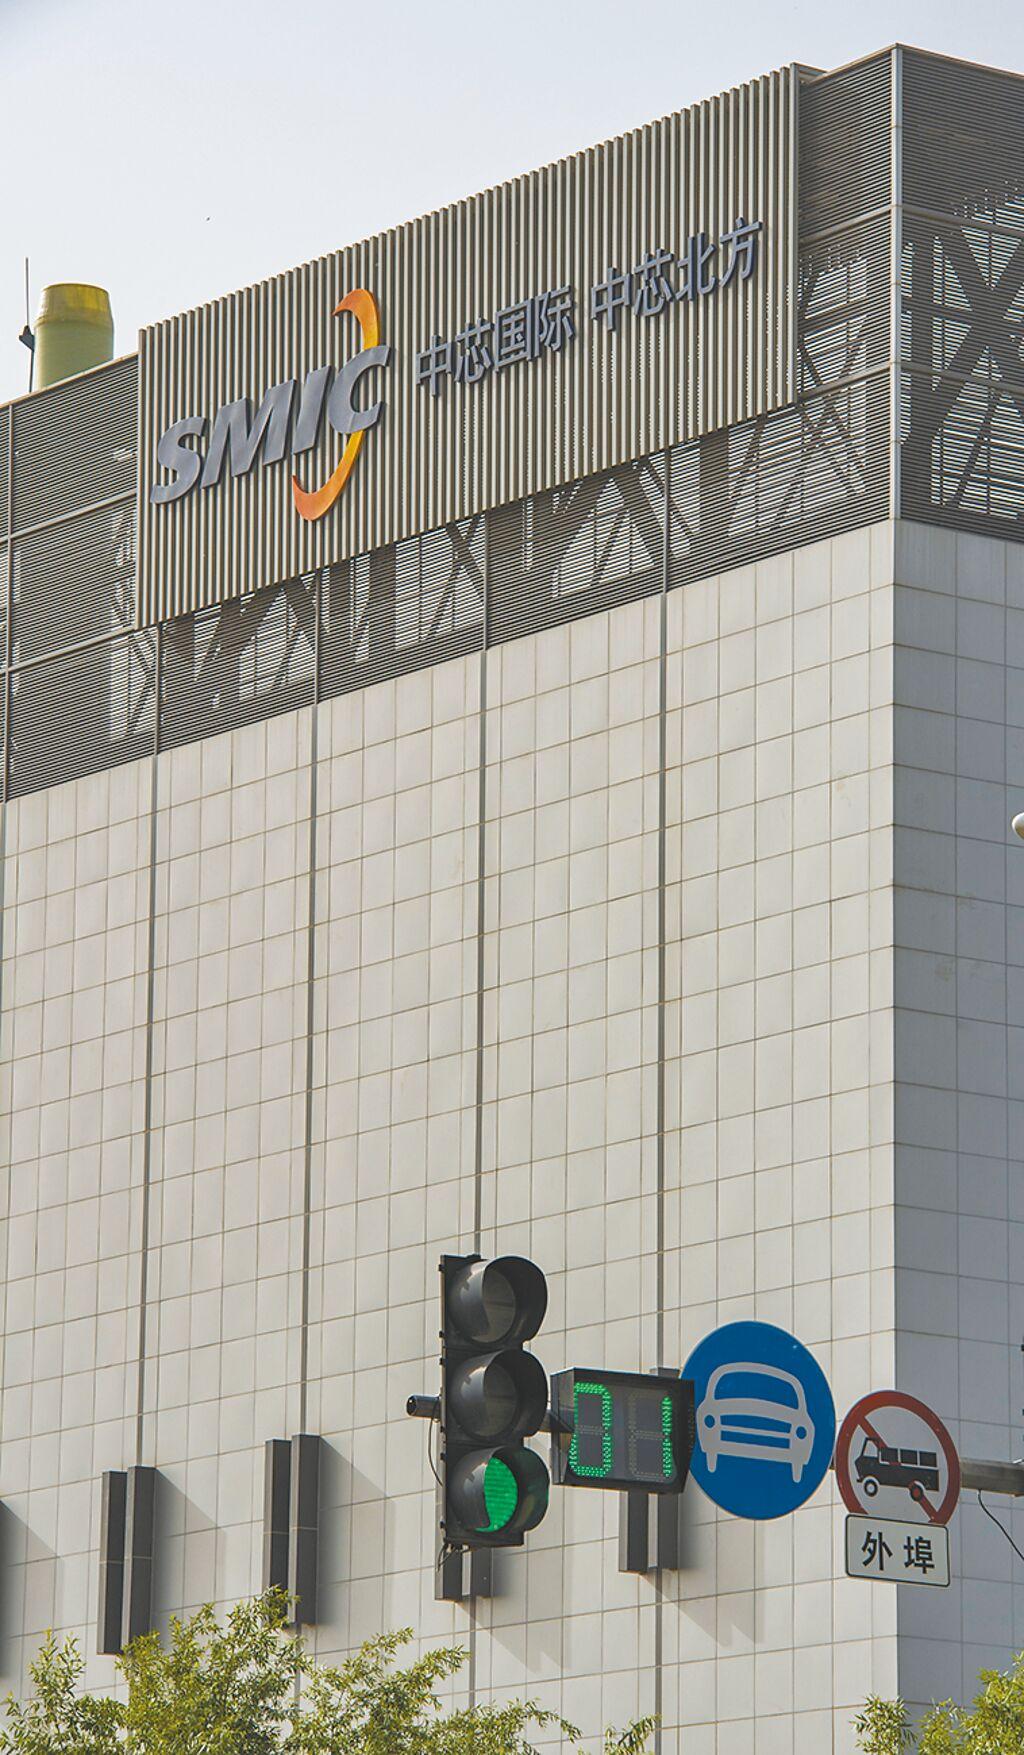 北京经济技术开发区的中芯国际(北京)公司外景。(中新社资料照片)